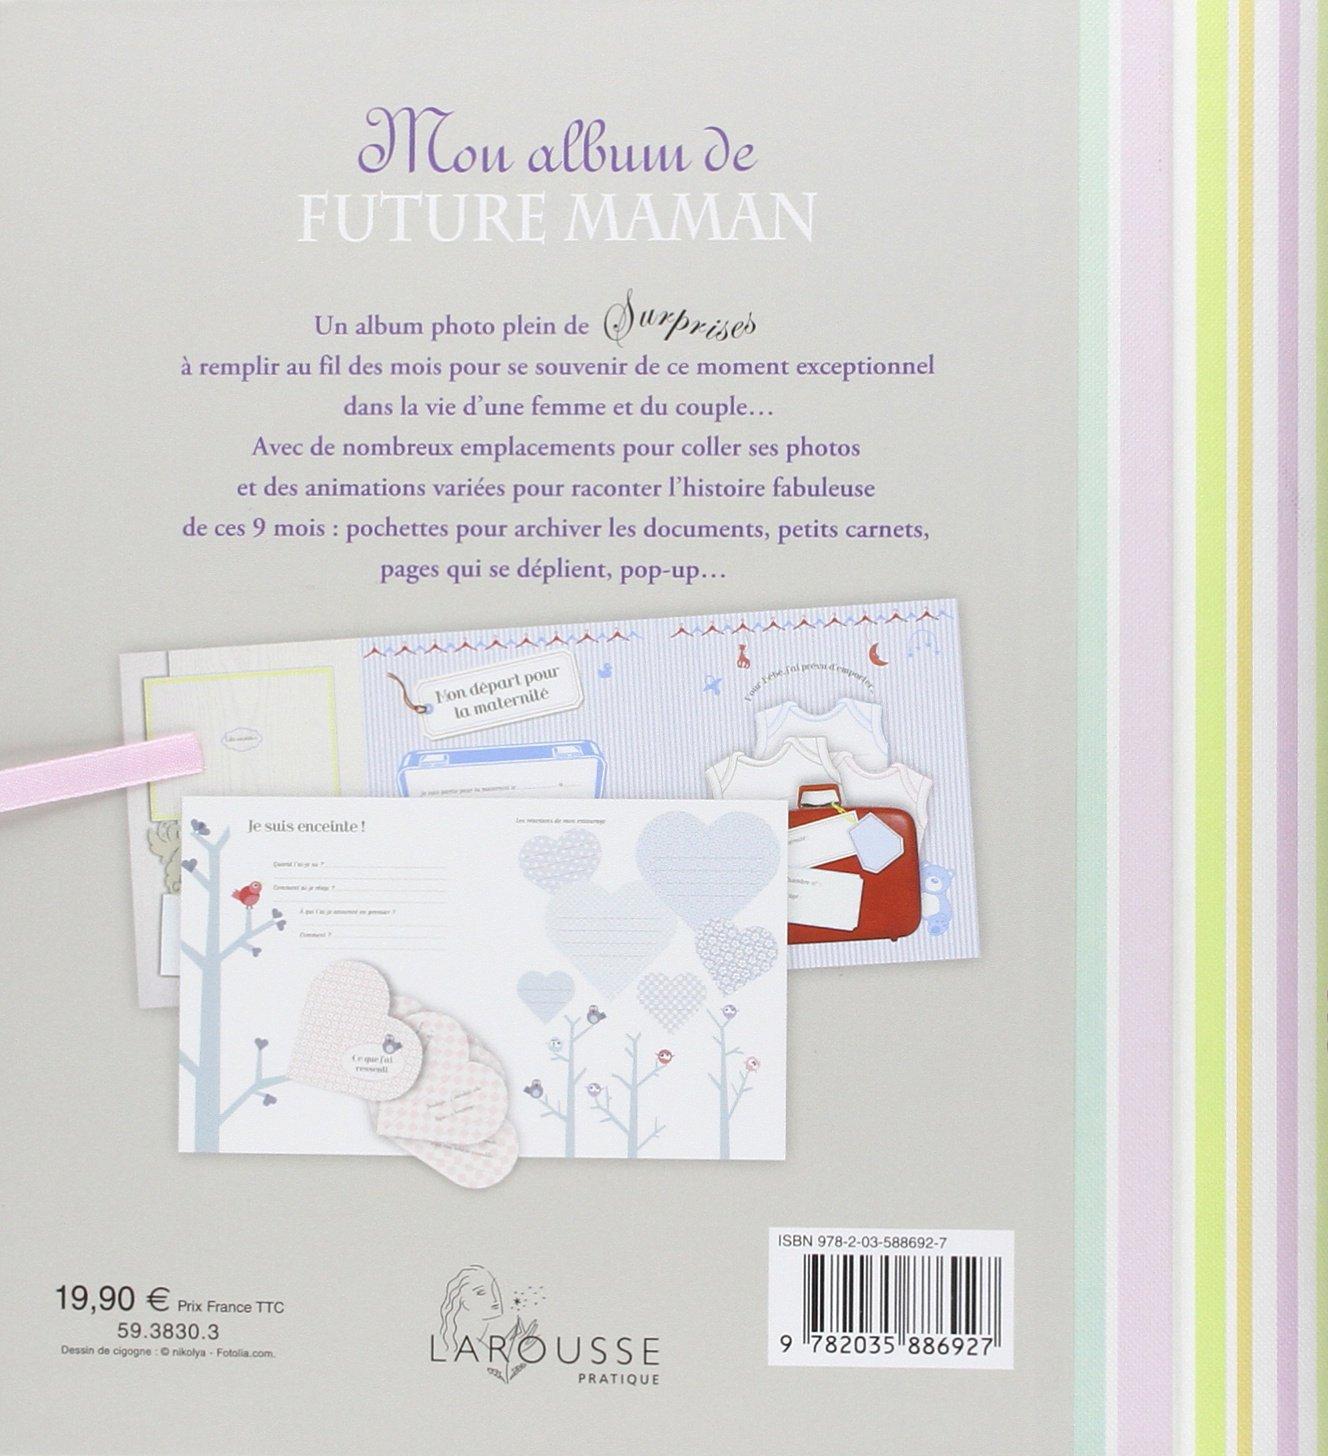 Assez Amazon.fr - Mon album de future maman - Collectif - Livres DK69